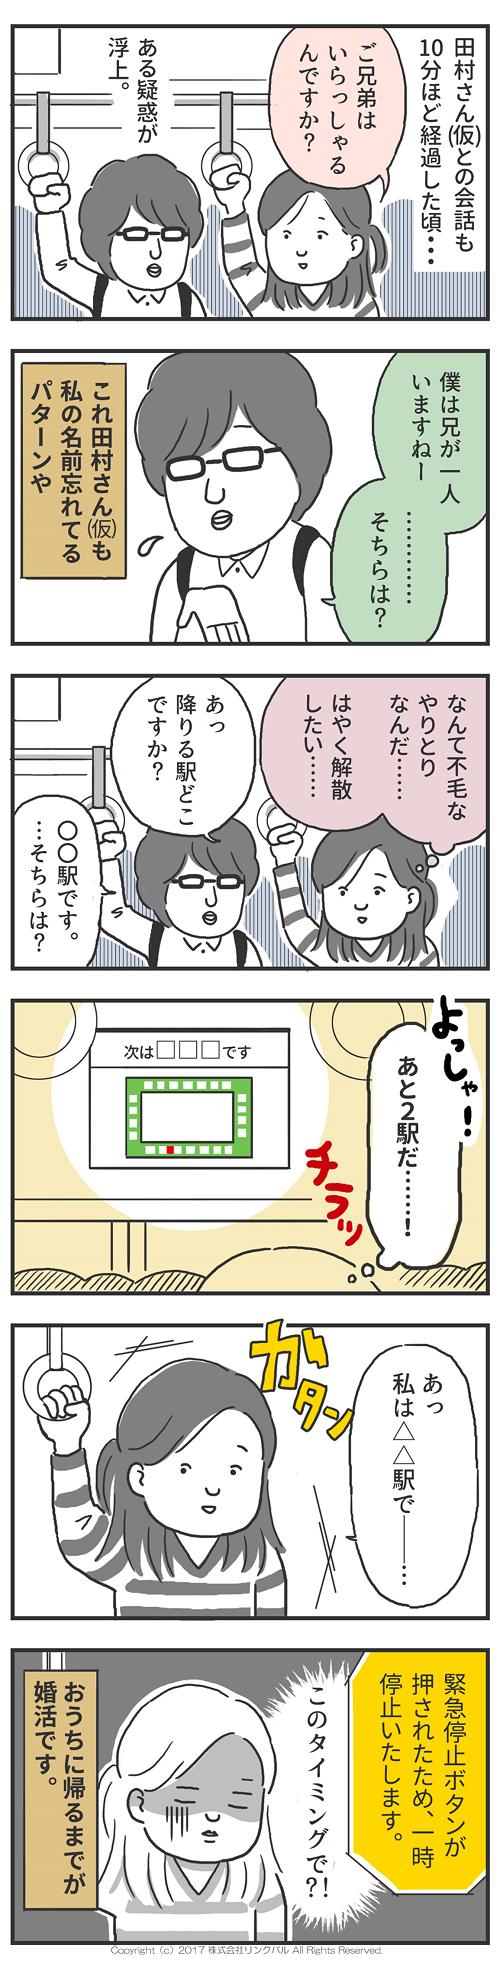 田村さん(仮)との会話も  10分ほど経過した頃・・・           ある疑惑が 浮上。 「ご兄弟は いらっしゃるんですか?」  「僕は兄が一人いますねー ………… そちらは?」 これ田村さんも私の名前 忘れてるパターンや  なんて不毛なやりとり なんだ……   はやく解散 したい…… 「あっ 降りる駅どこですか?」 「〇〇駅です。 …そちらは?」  あと2駅だ……!  「あっ 私は△△駅で――…」  緊急停止ボタンが押されたため、 一時停止いたします。  このタイミングで?!  おうちに帰るまでが婚活です。